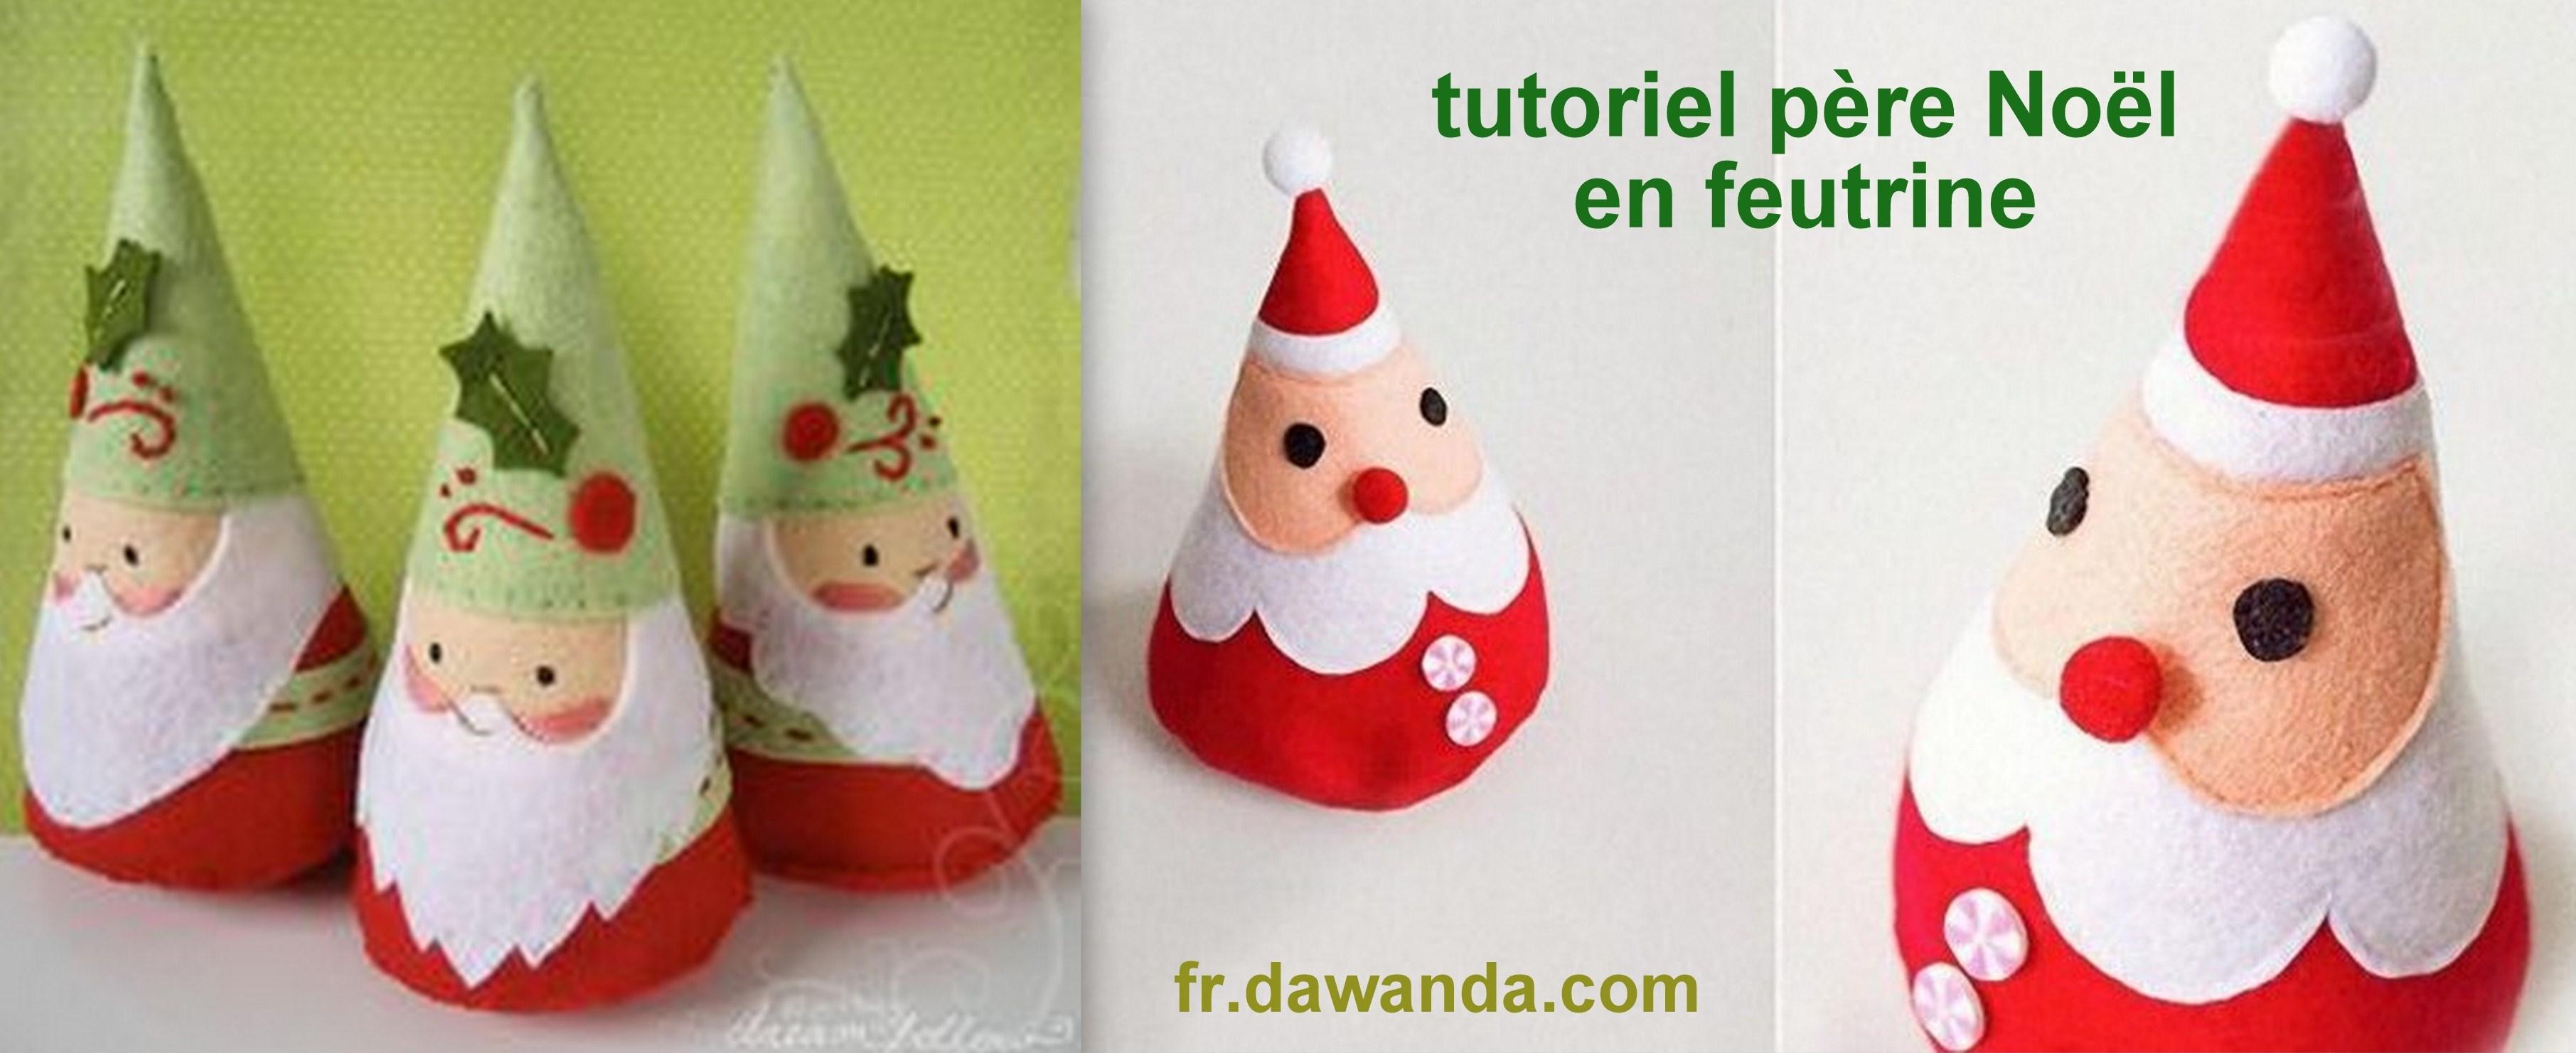 #B6151C Faire Un Père Noël En Feutrine Des Modèles Des Tutos 6097 décoration de noel tuto 3623x1481 px @ aertt.com